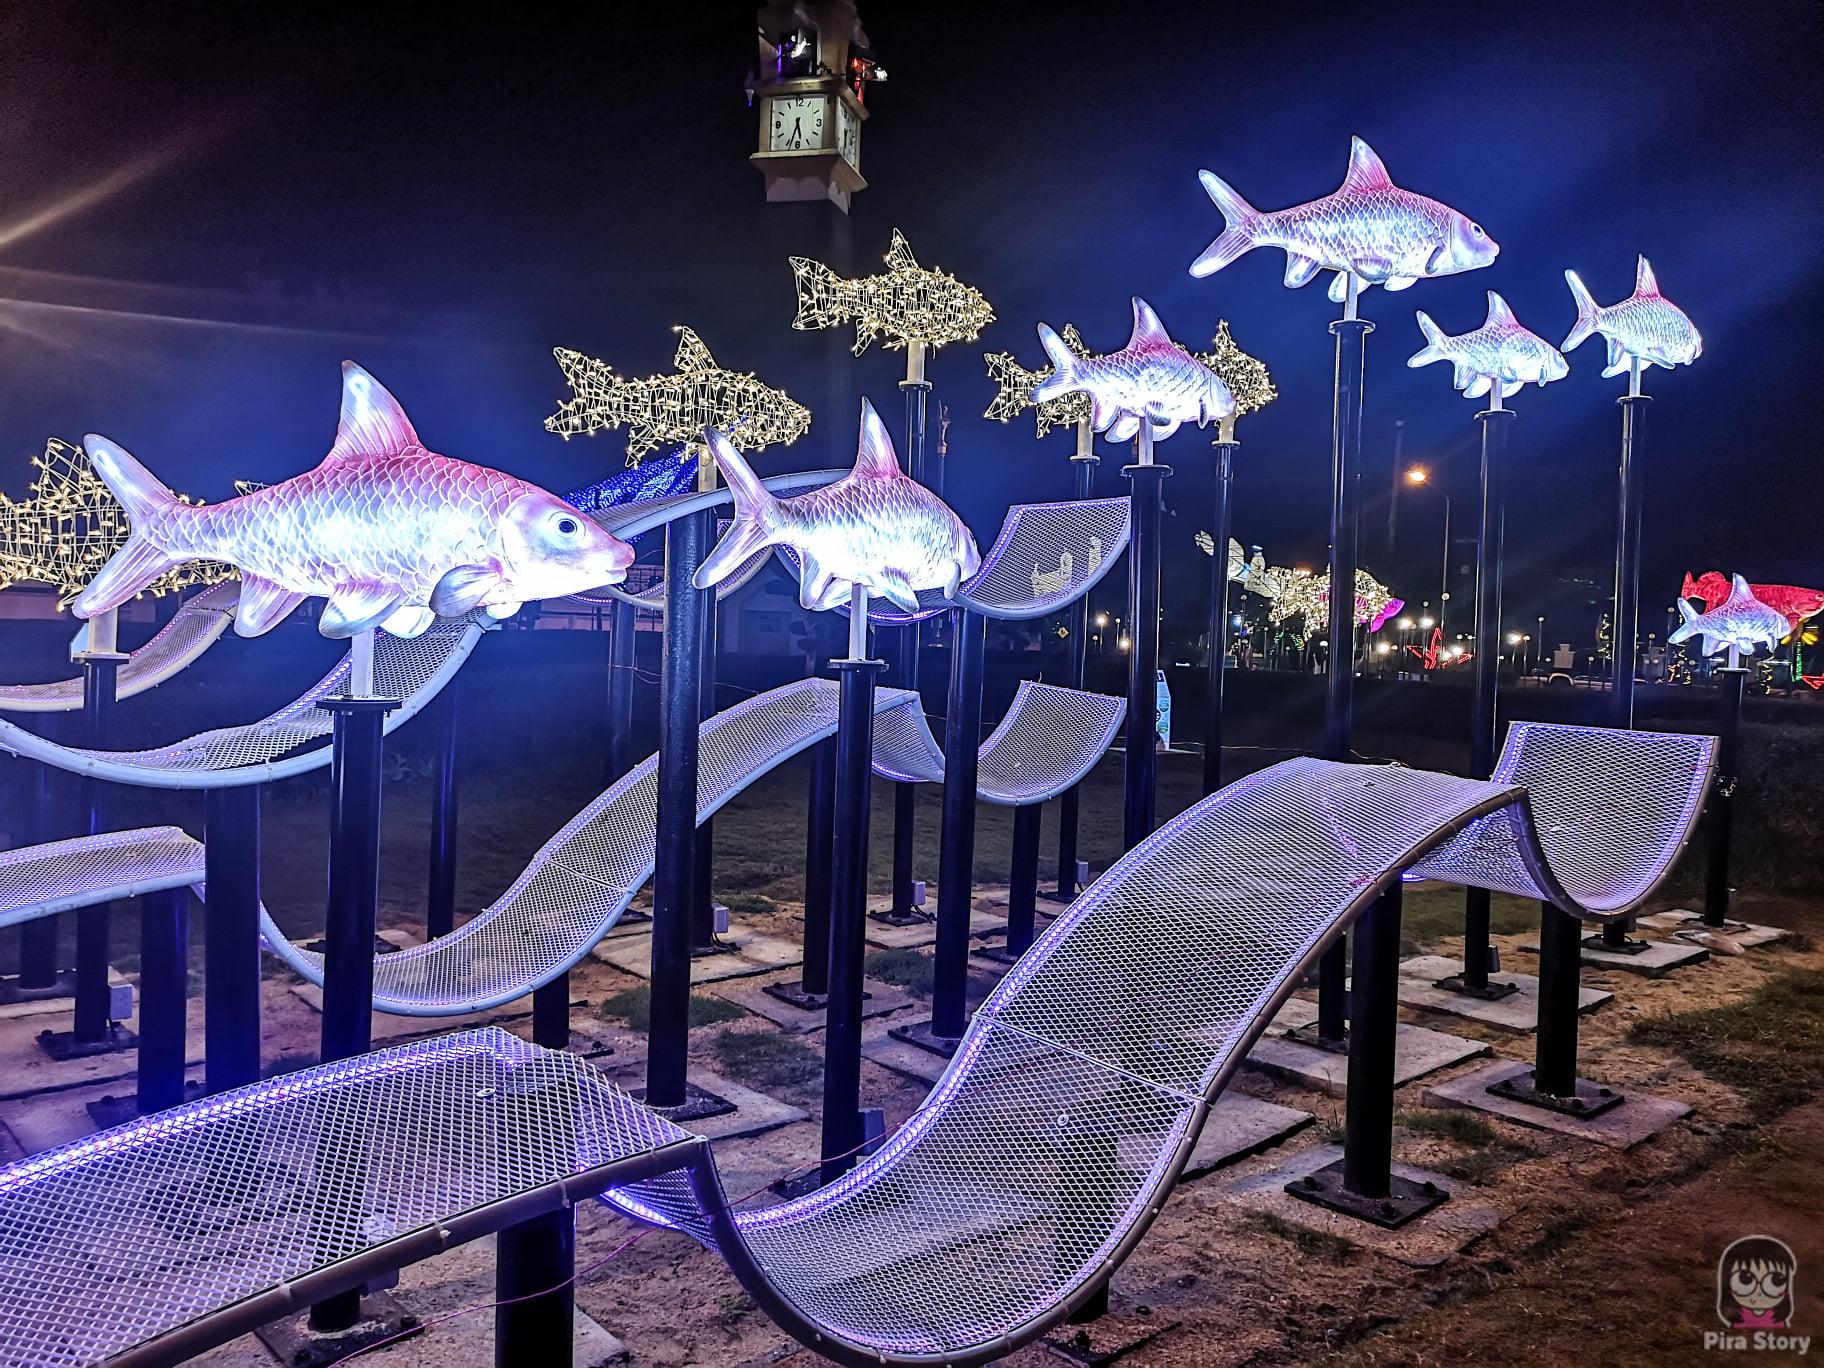 ปลาพลวงชมพู ปลาประจำจังหวัด สัตว์ประจำจังหวัด วงเวียนหอนาฬิกา เทศบาลนครยะลา yala 2021 ยะลา เที่ยวยะลา จังหวัดยะลา สามจังหวัดชายแดน ชายแดนใต้ ใต้สุดสยาม ไฟประดับ ปีใหม่ ถ่ายรูปไฟ ถ่ายรูปปีใหม่ ถ่ายรูปไฟคริสมาสต์